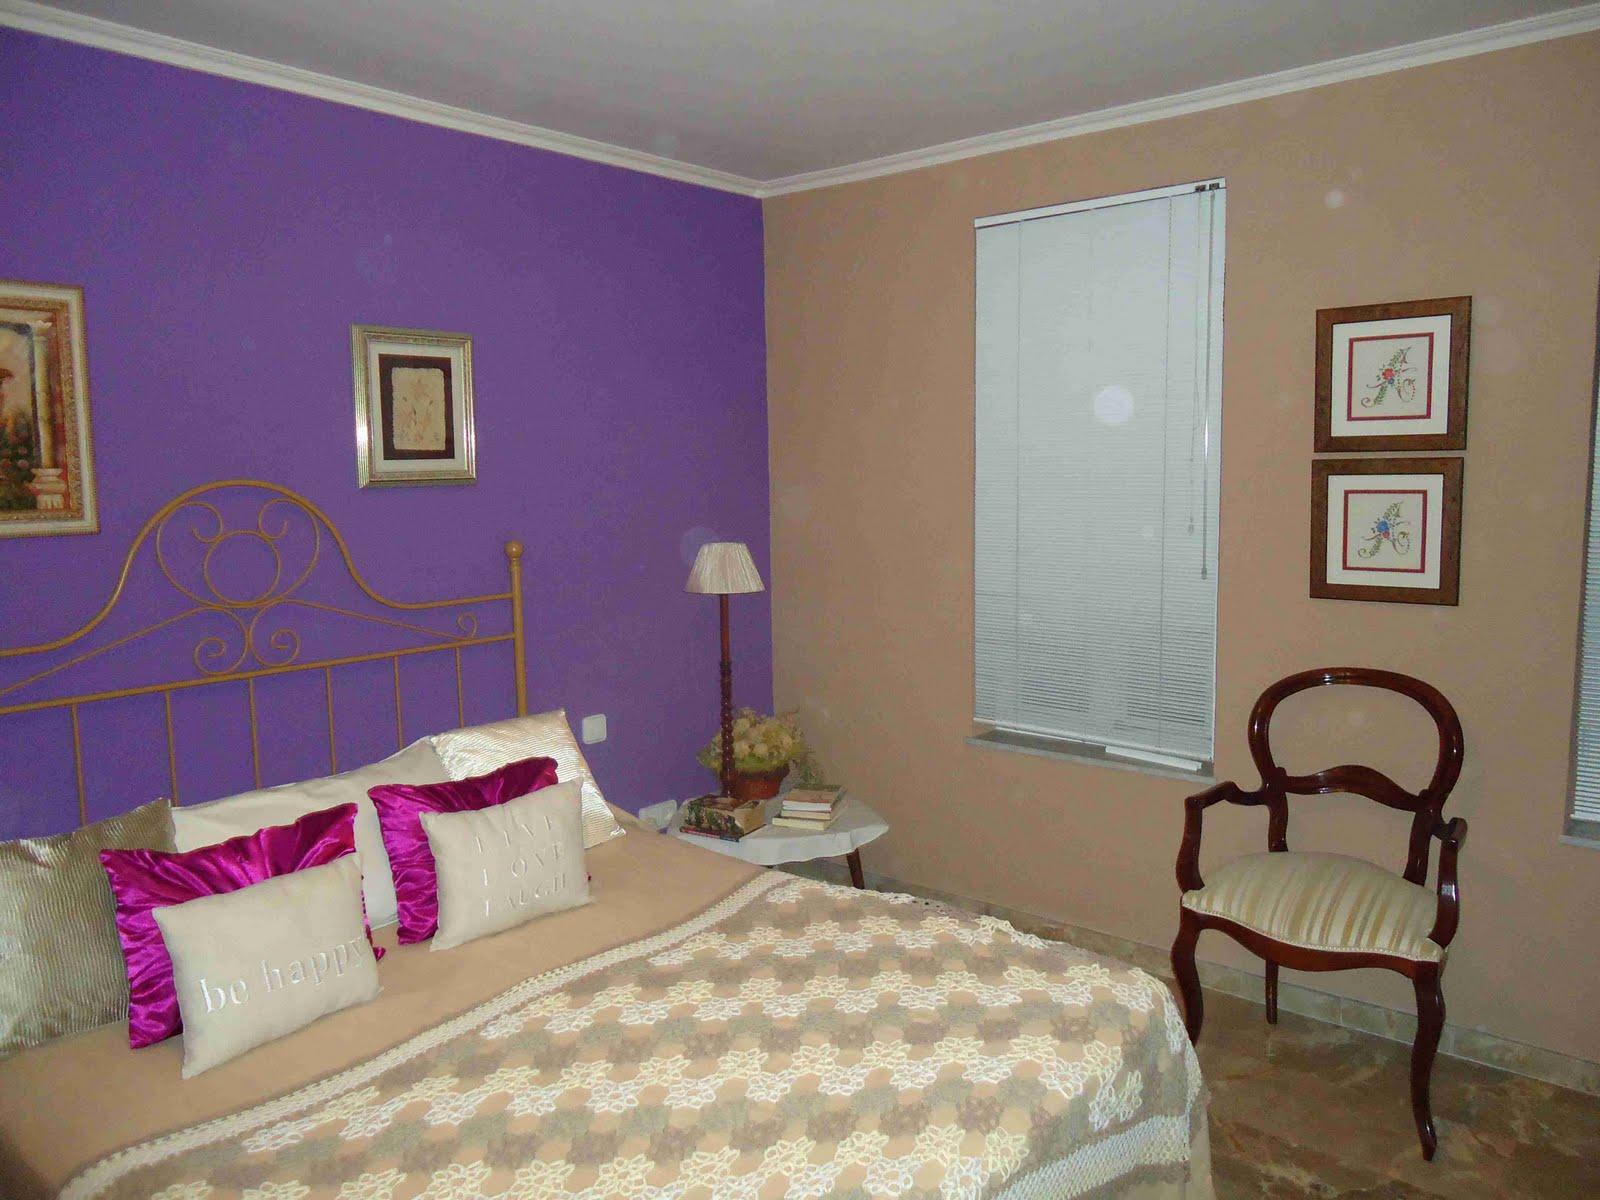 Pinturas para interiores de casas imagui - Pinturas para interiores de casas ...